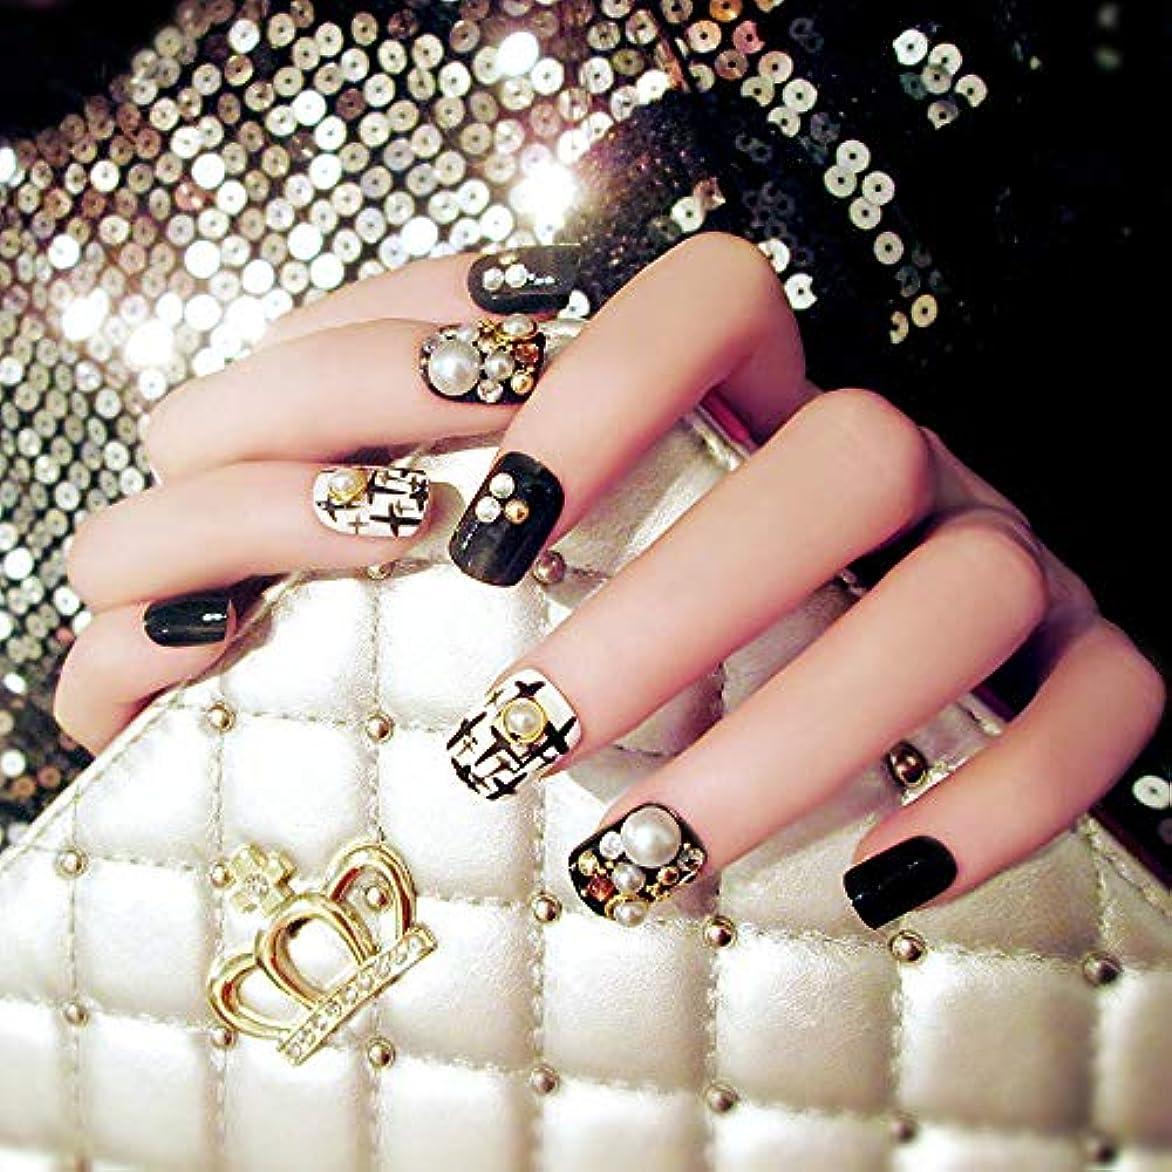 推論征服者不正24本の高品質の美しい偽の黒い爪白真珠のデザイン偽の爪のヒントは偽の爪をカバー